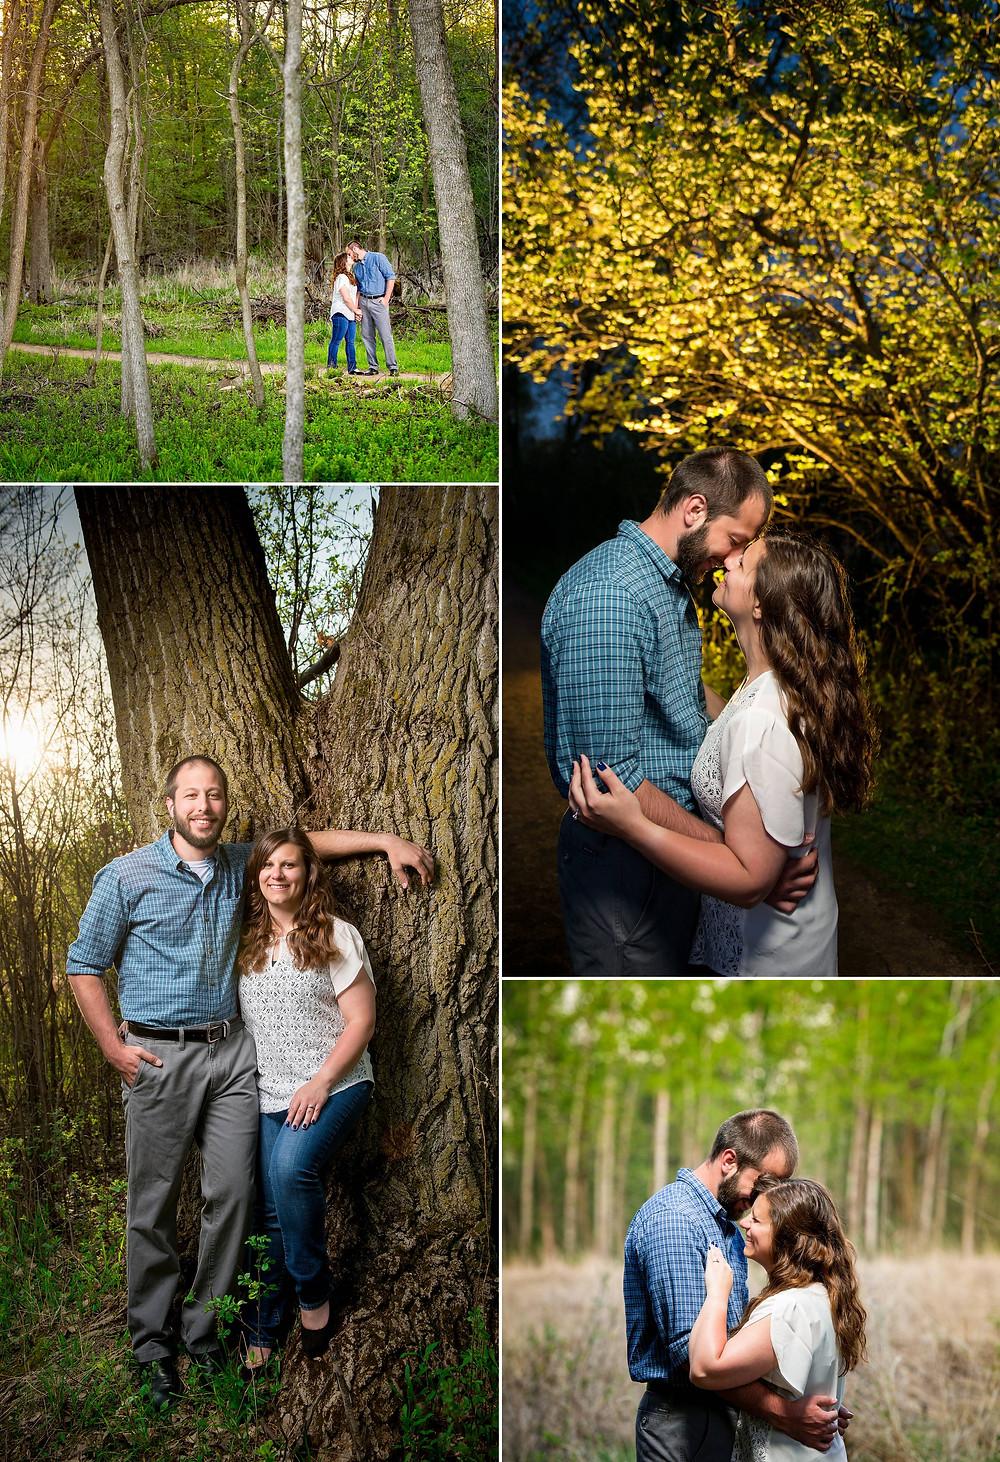 Spring Engagement Appleton Wisconsin | Lanari Photography